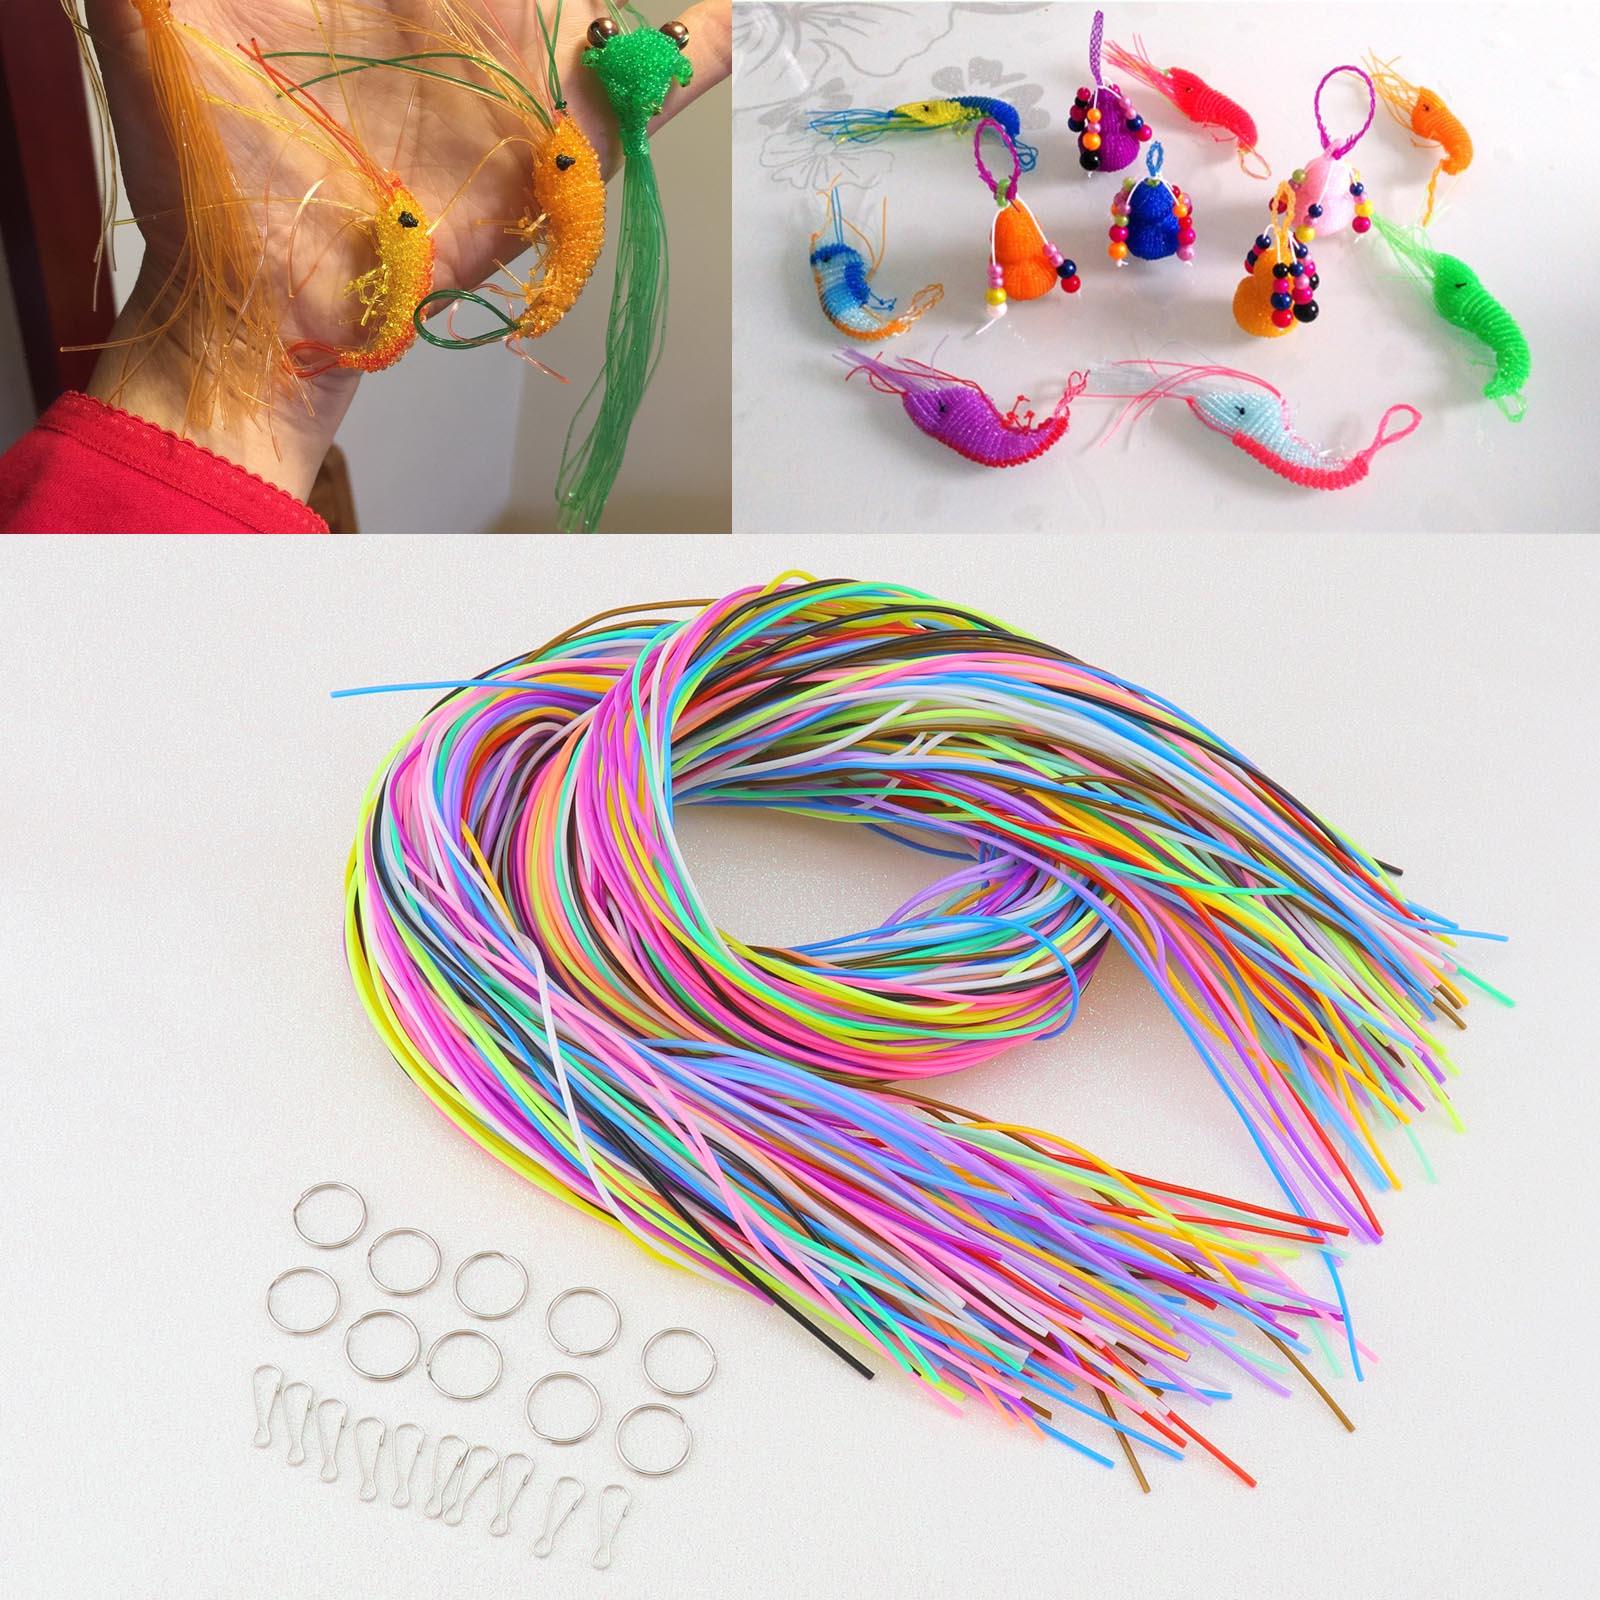 20-farben 200x Kit Regenbogen Farbe Schnur Schnürung Scoubidou String für DIY